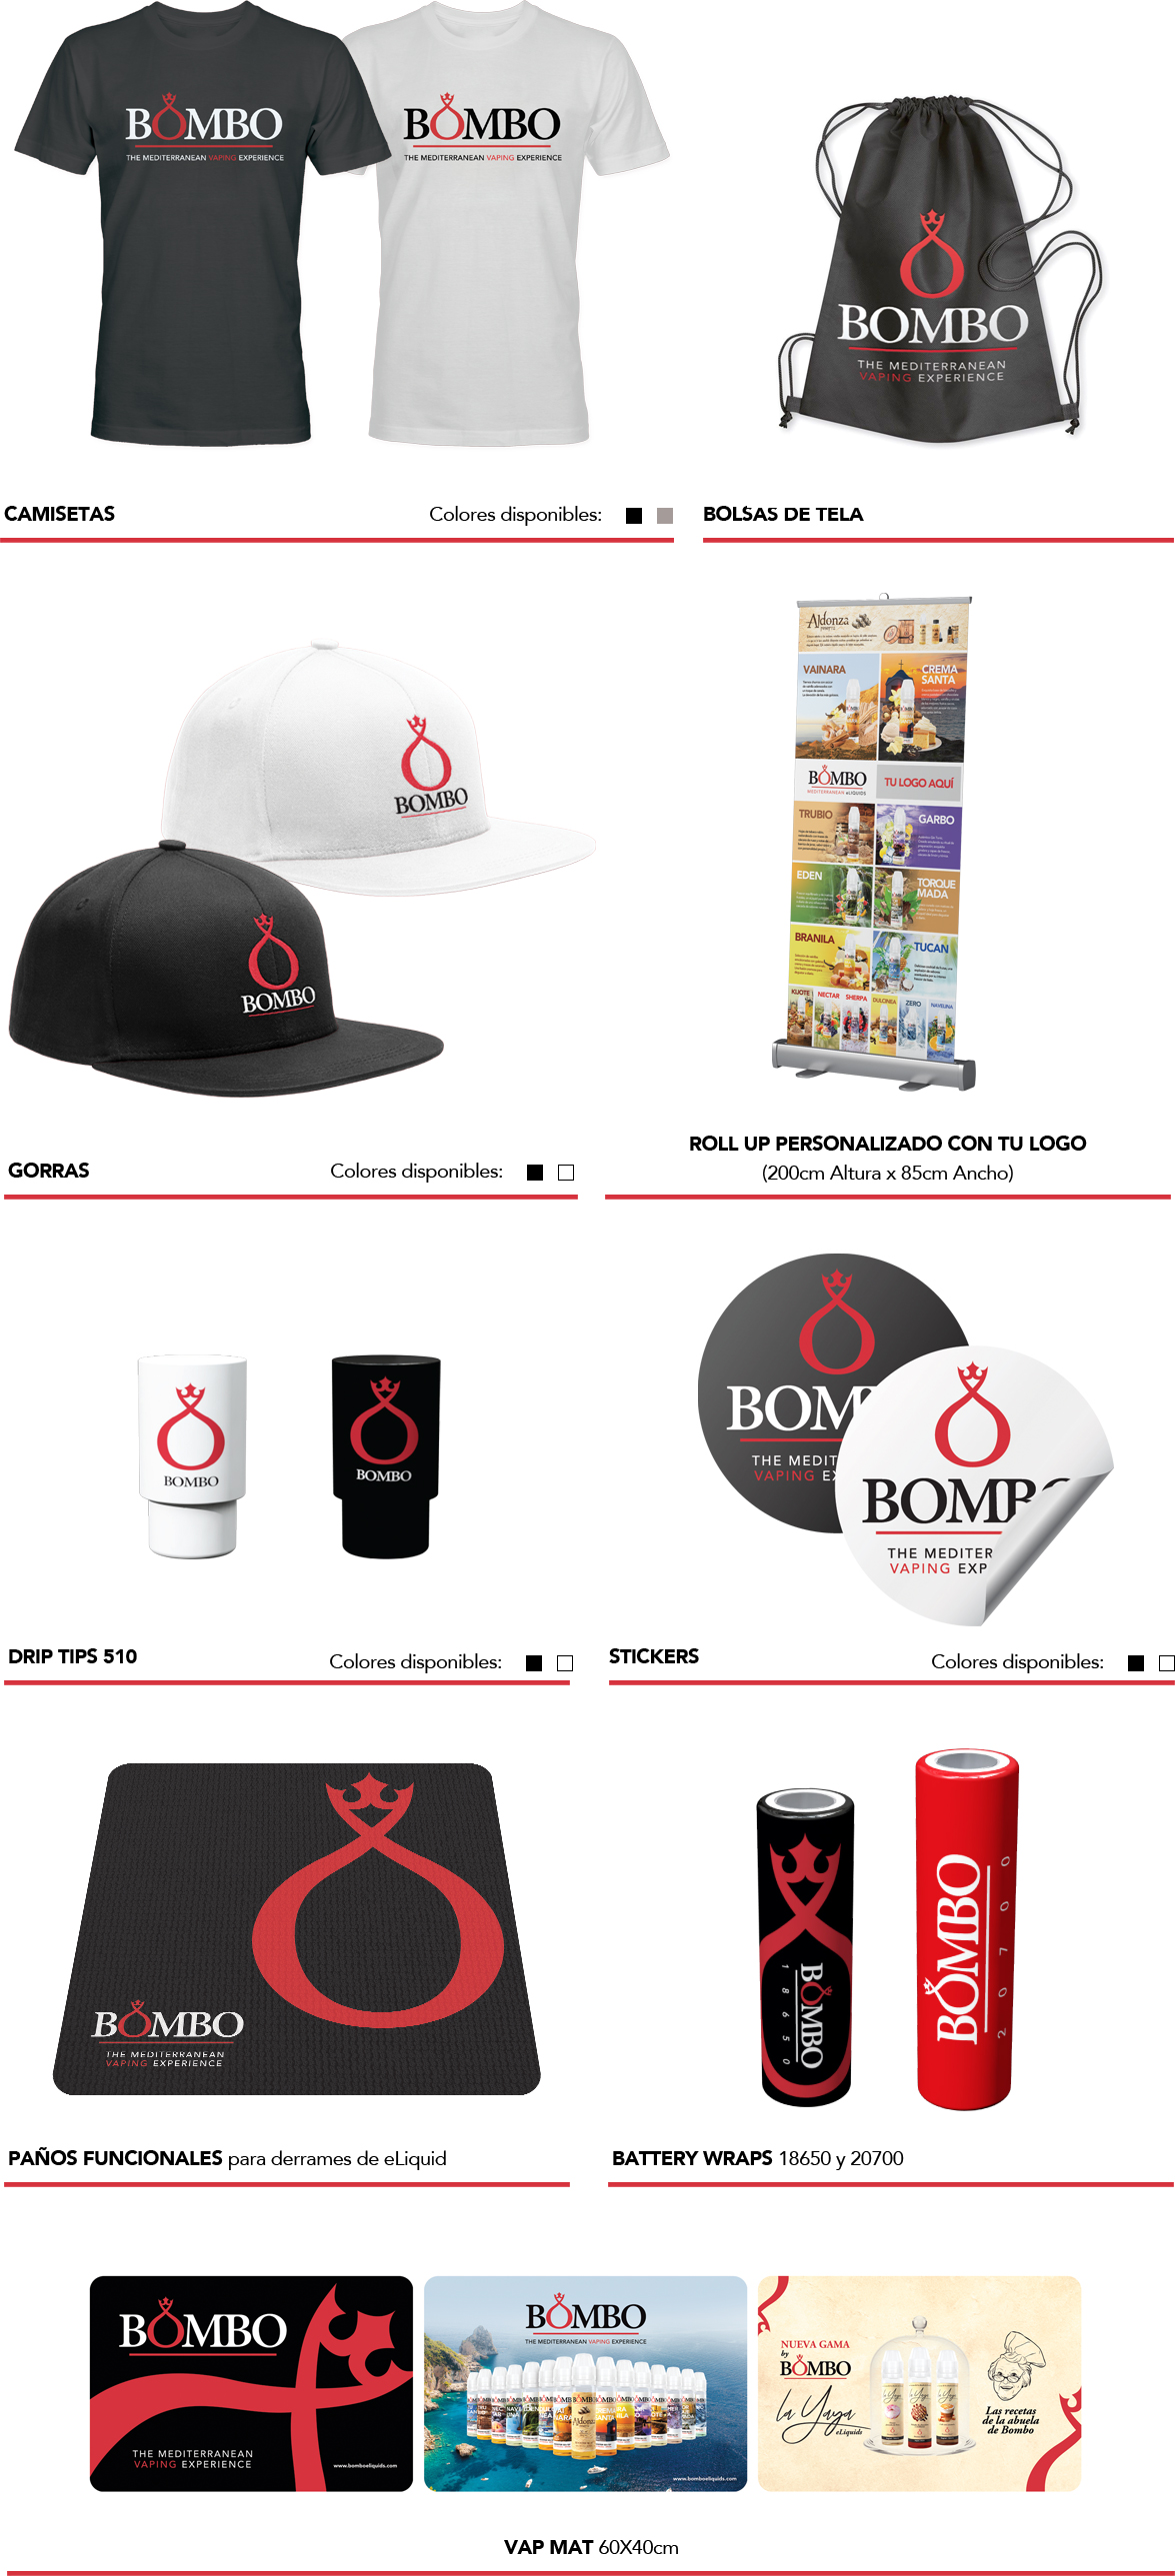 bombo_eliquids_merchandising.jpg